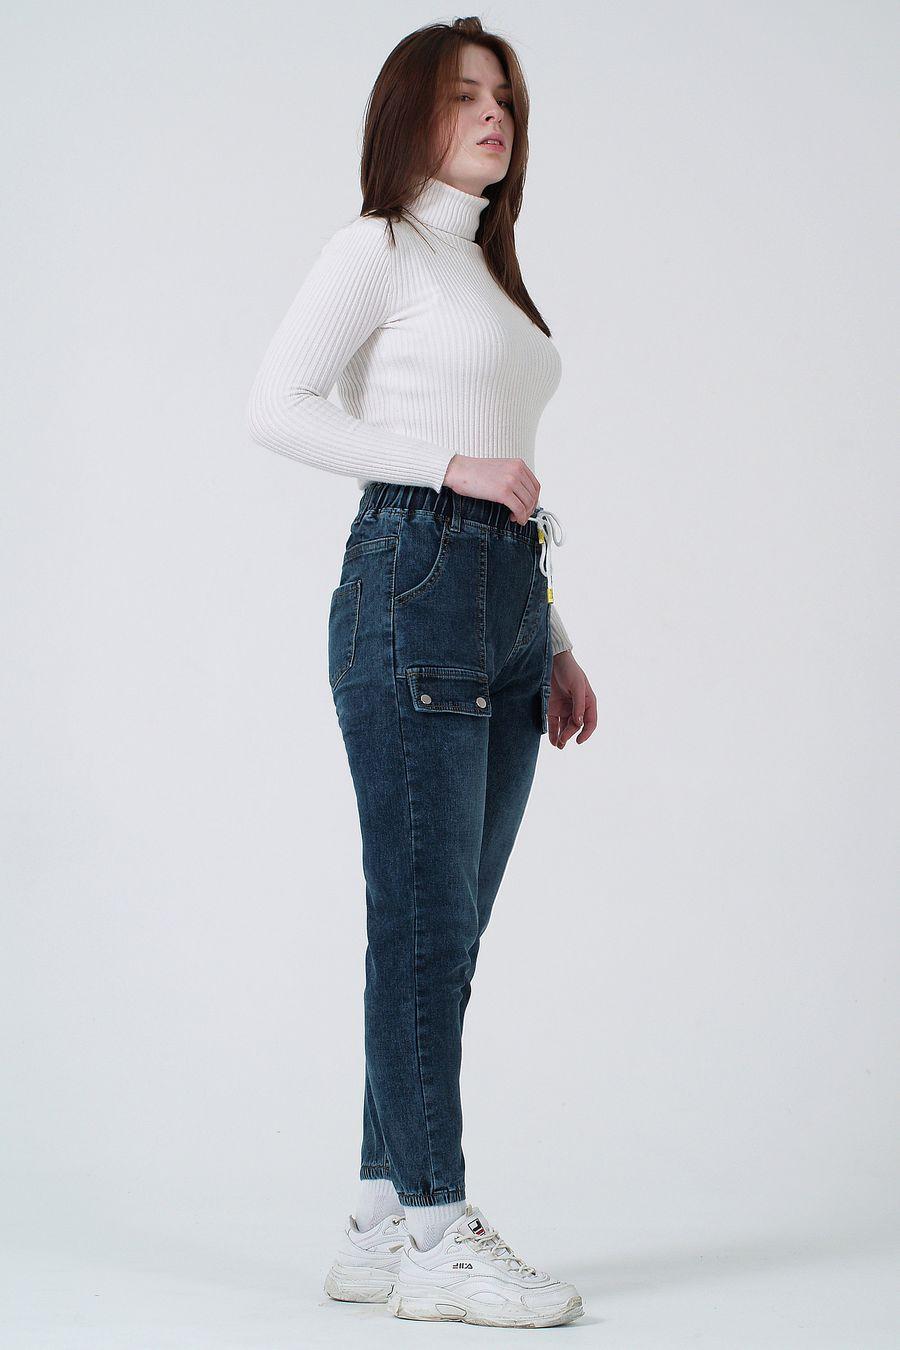 Джинсы женские K.Y Jeans 096 утепленные - фото 2